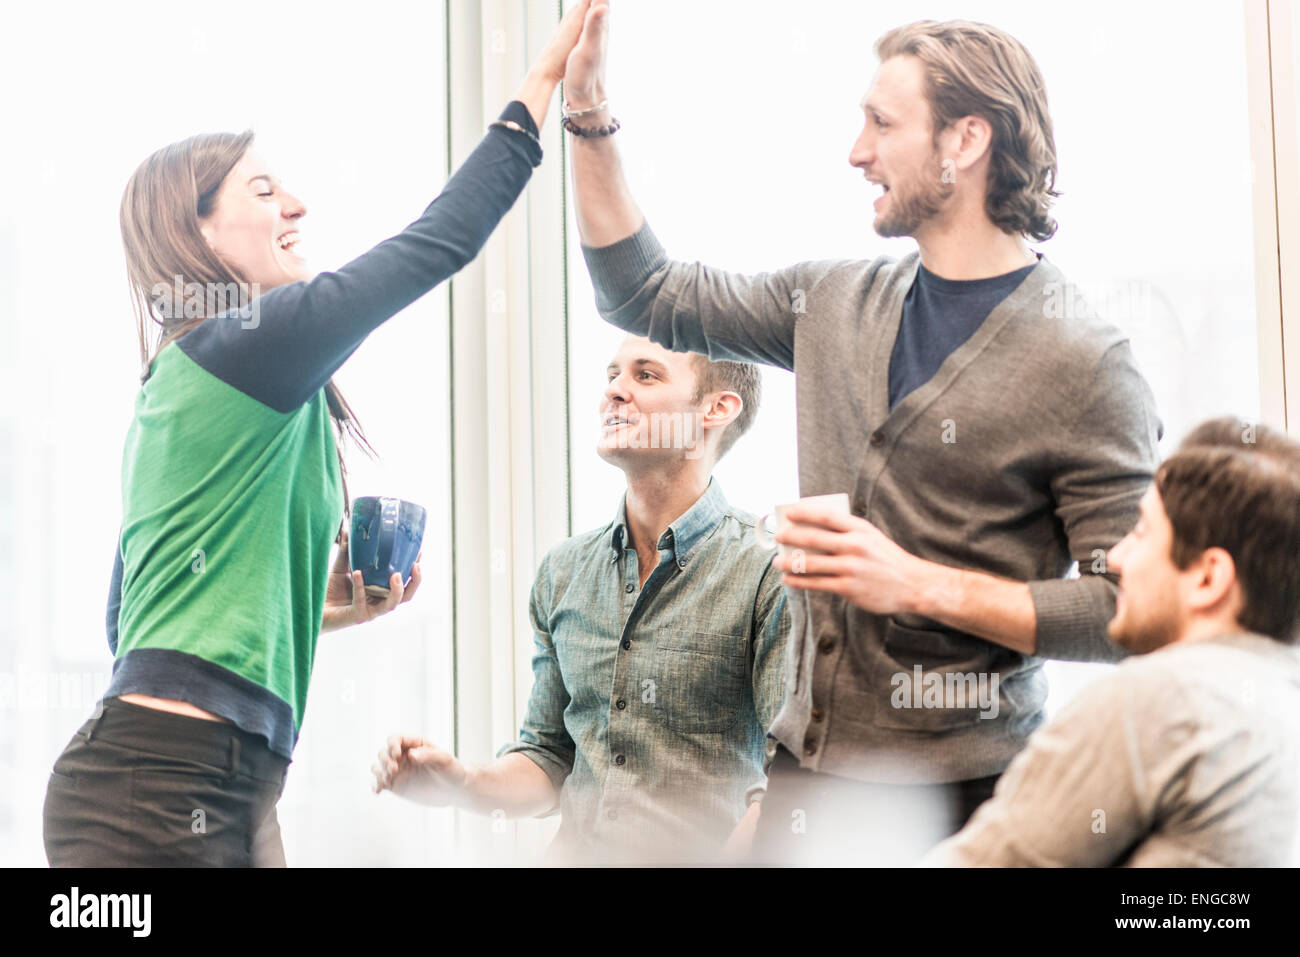 Vier arbeiten Kolleginnen und Kollegen auf eine Pause, lachen und teilen eine hohe fünf Geste. Stockbild